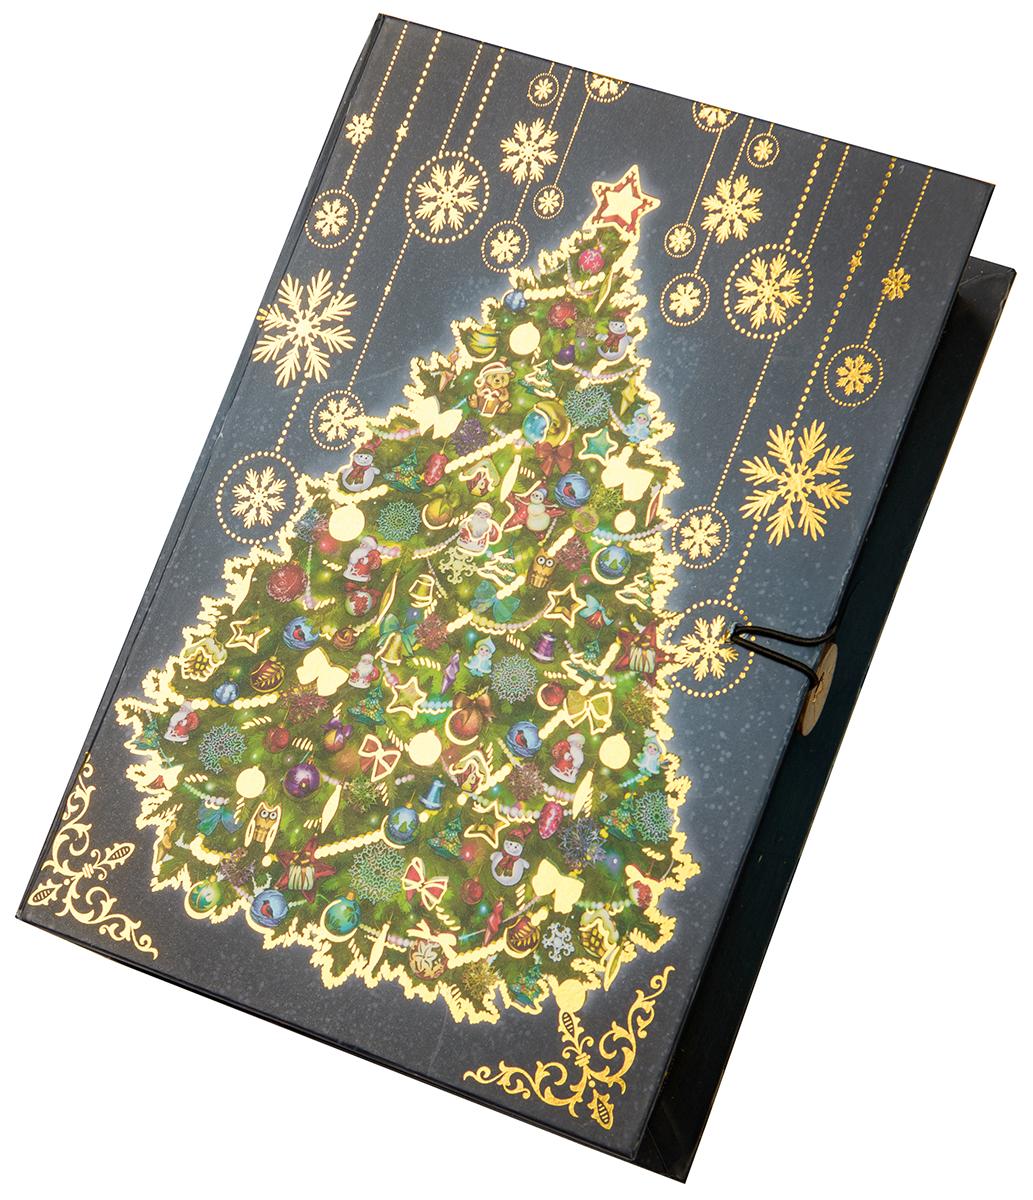 Коробка подарочная Magic Time Новогодняя ночь, размер M. 7502175021Подарочная коробка Новогодняя ночь-M из мелованного, ламинированного, негофрированного картона плотностью 1100 г, м2, с полноцветным декоративным рисунком на внутренней и наружной части, 20x14x6, артикул 75021